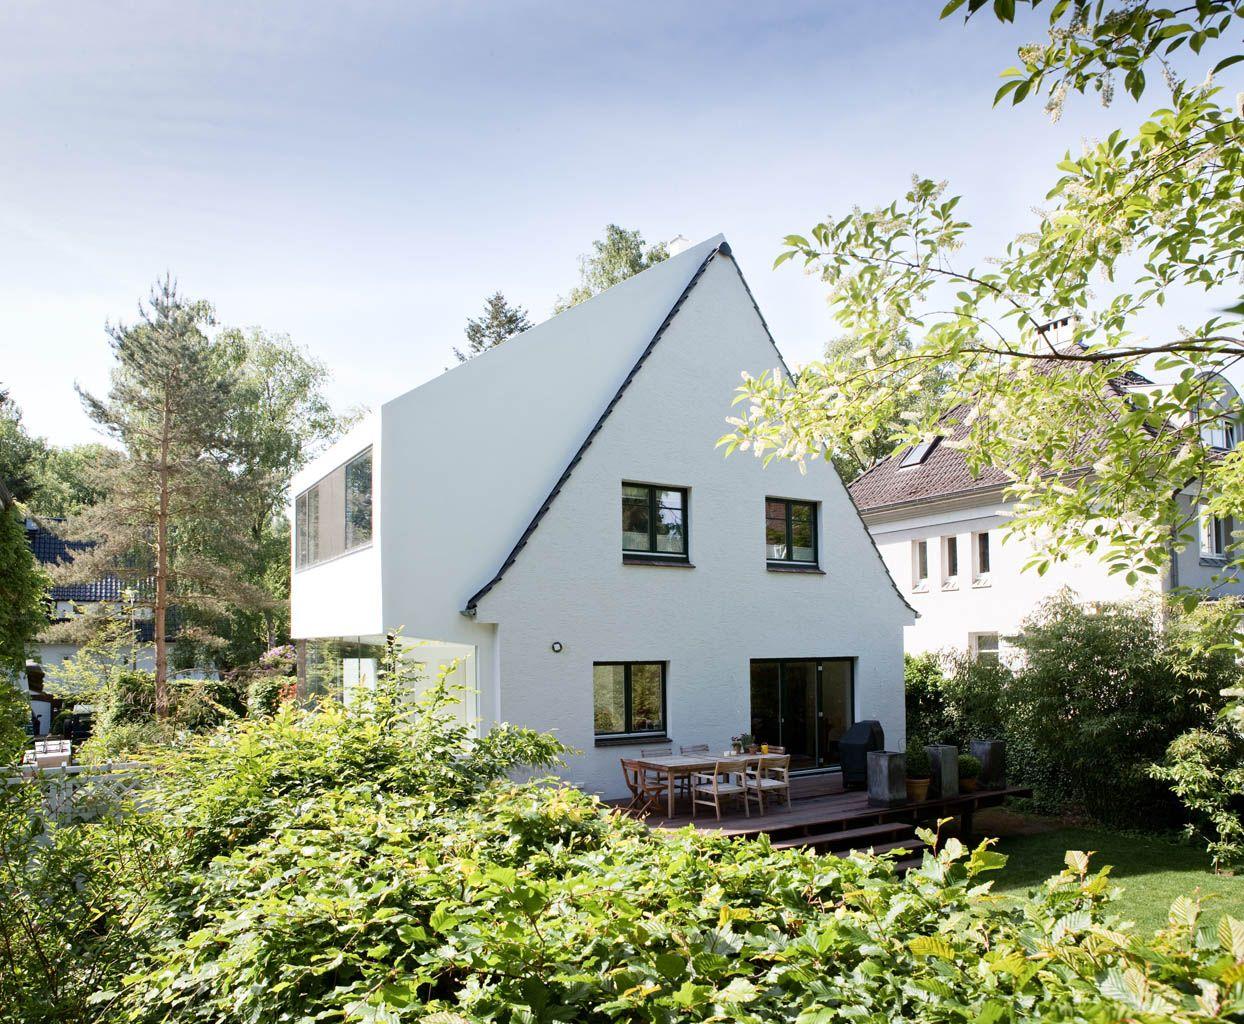 sanierung und anbau an ein einfamilienhaus in hh blankenese siedlungshaus pinterest haus. Black Bedroom Furniture Sets. Home Design Ideas